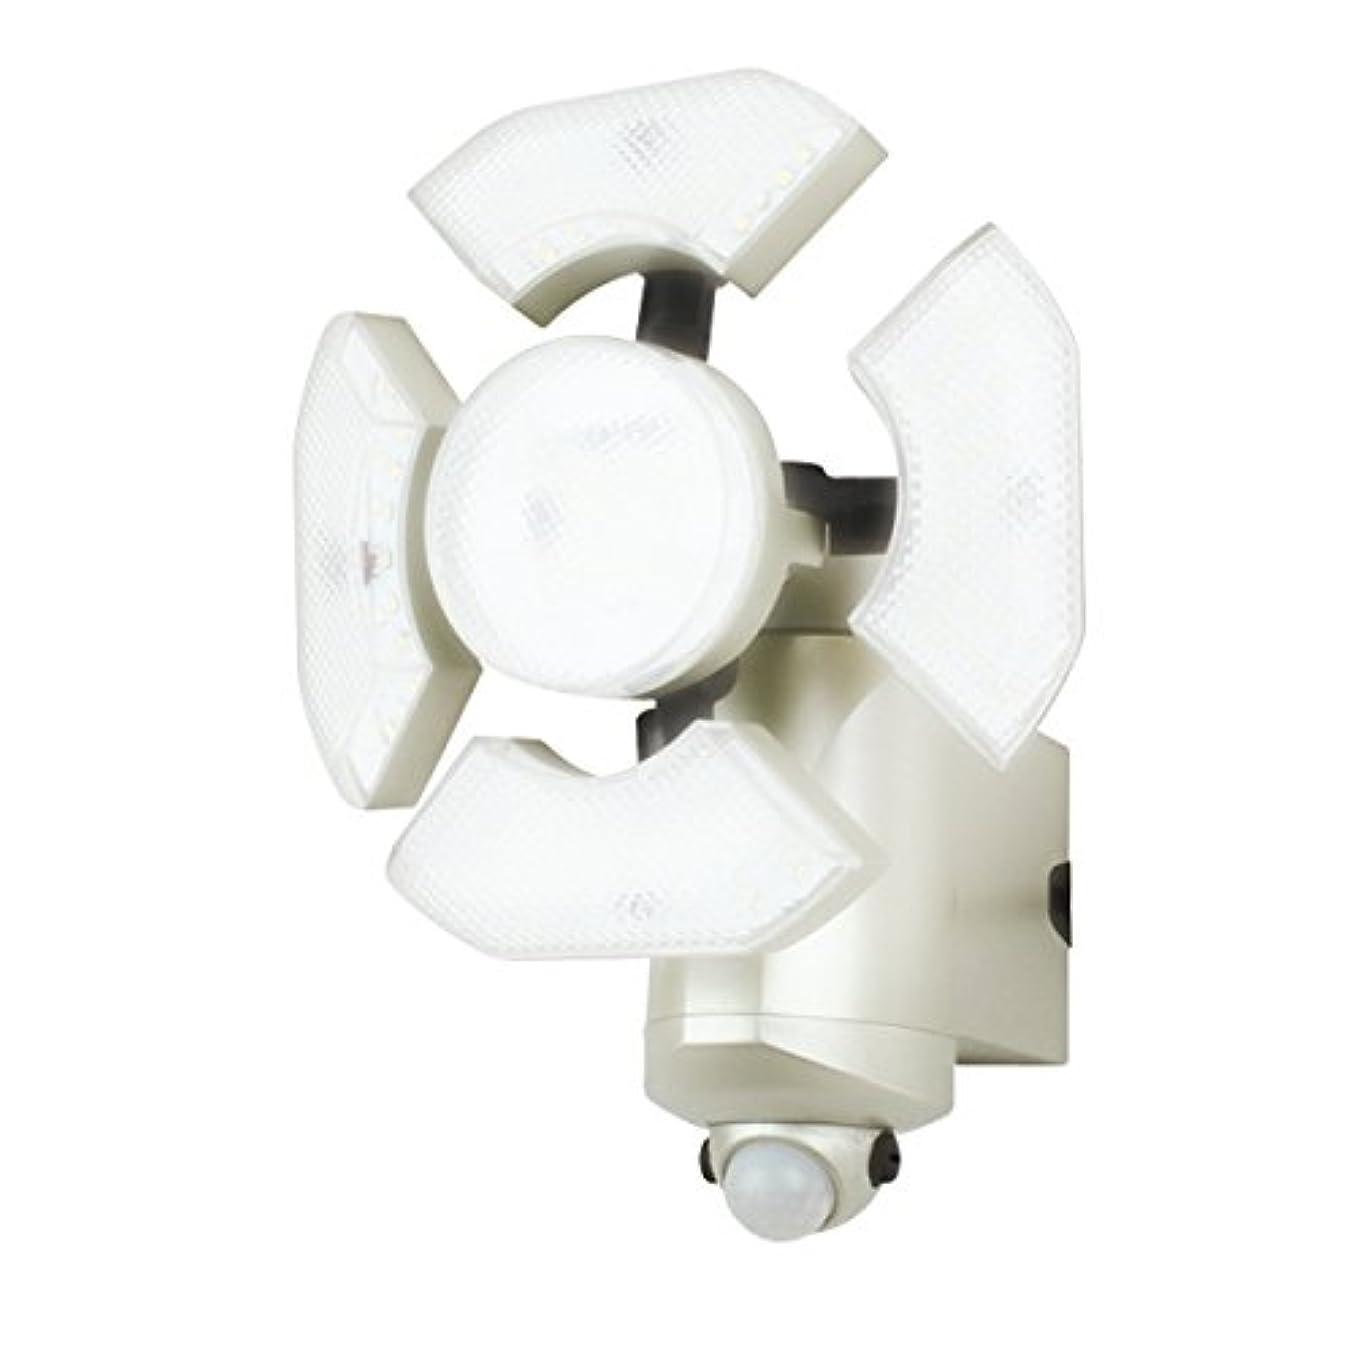 ディスク有用雇った大進(ダイシン) センサーライト DLA-5T200 本体: 奥行18.5cm 本体: 高さ21cm 本体: 幅14.5cm